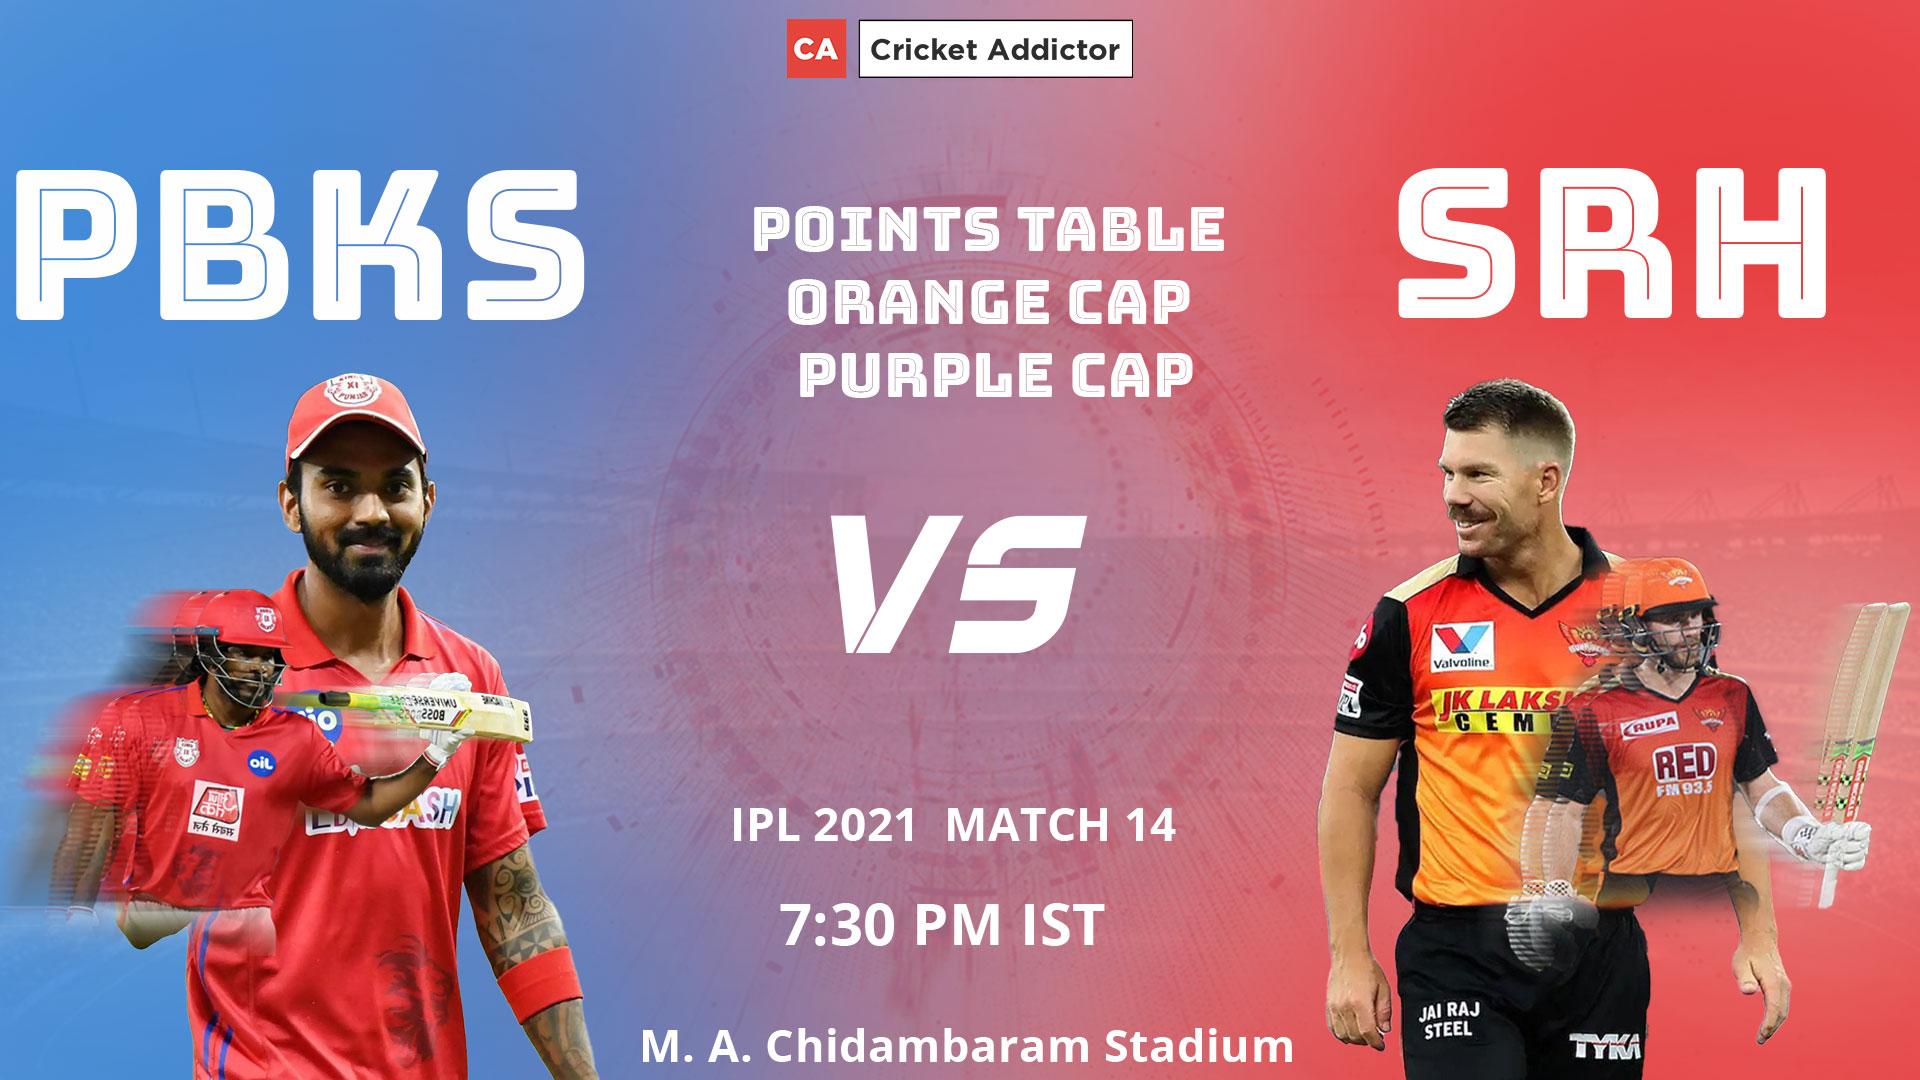 IPL 2021, Points Table, Orange Cap, Purple Cap